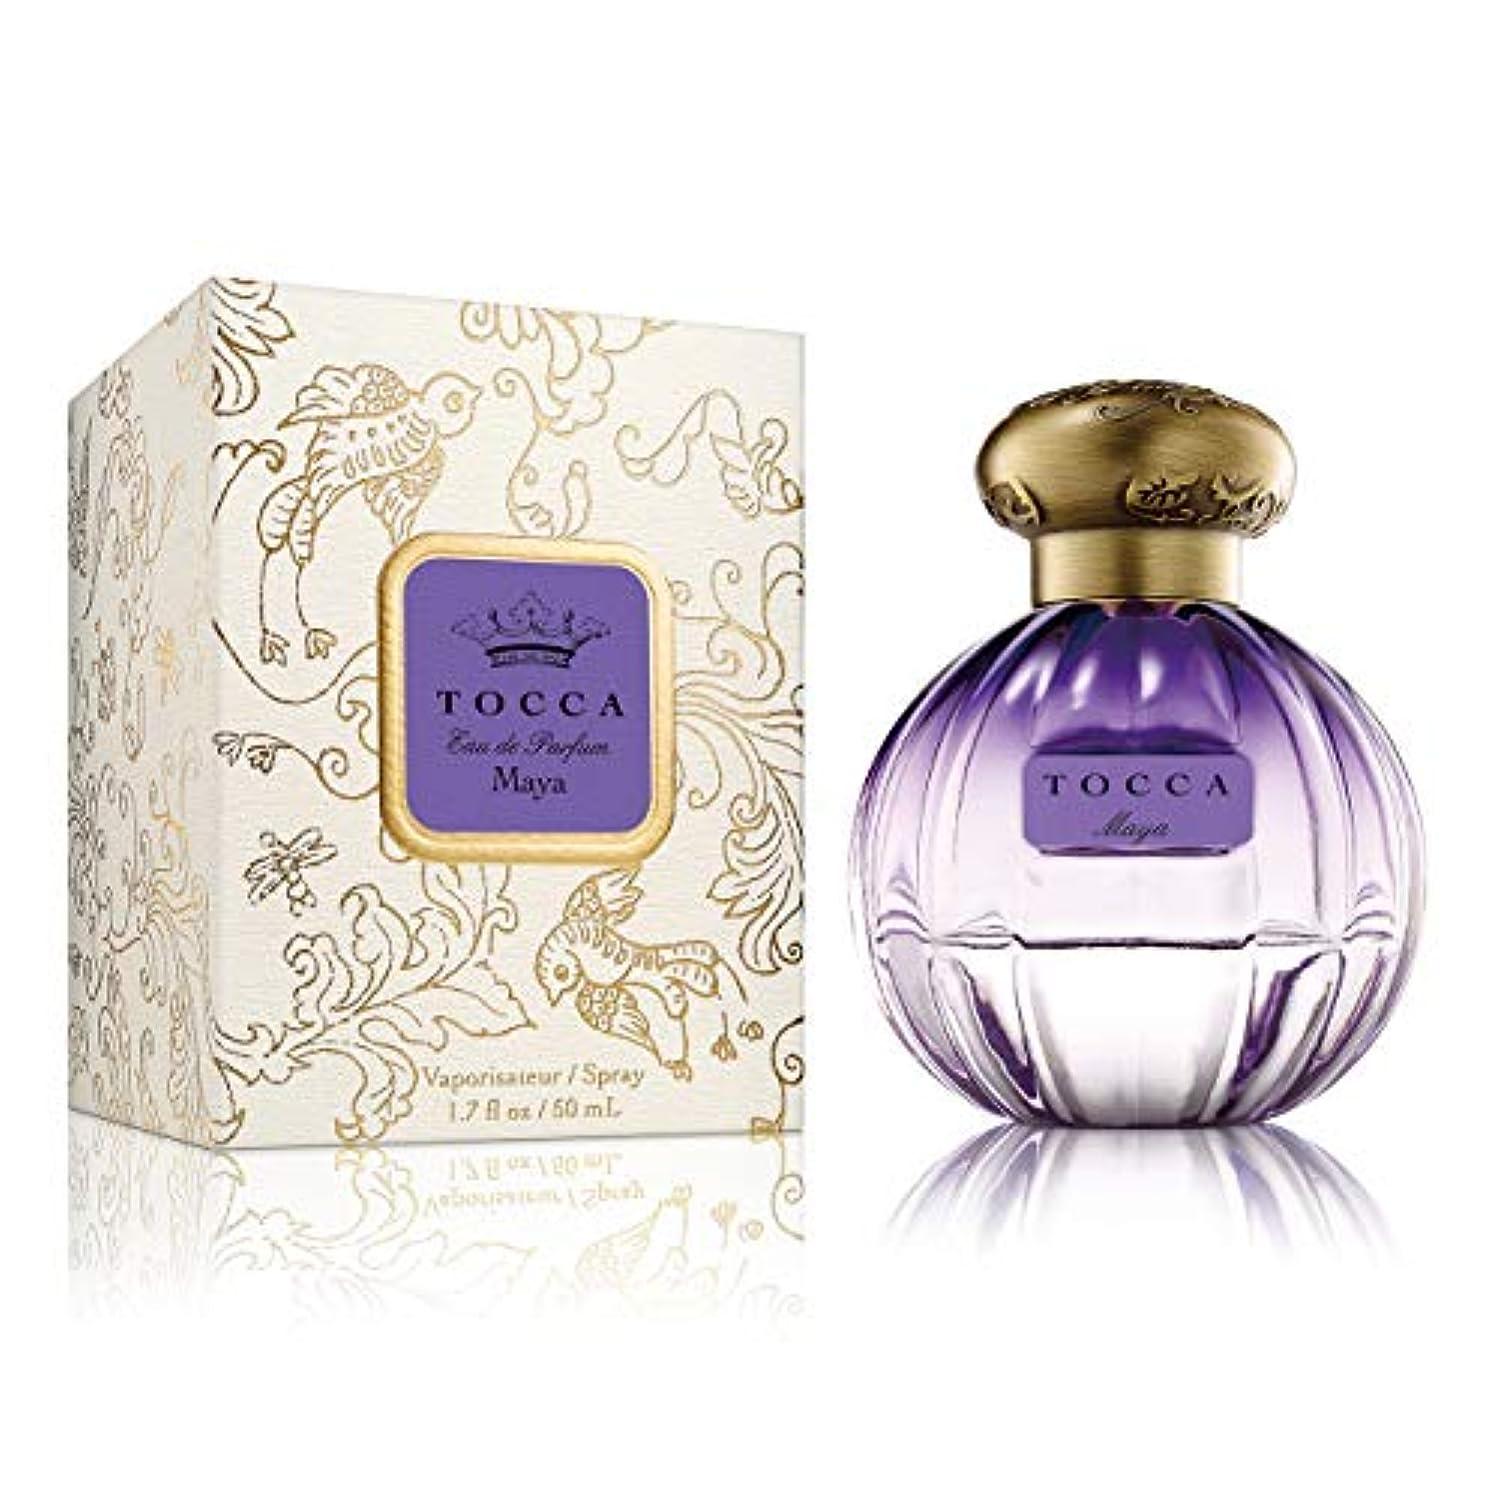 アンビエントパケットエンティティTOCCA オードパルファム マヤの香り 50mL(香水?オークモスのフローラルウッディの香り)